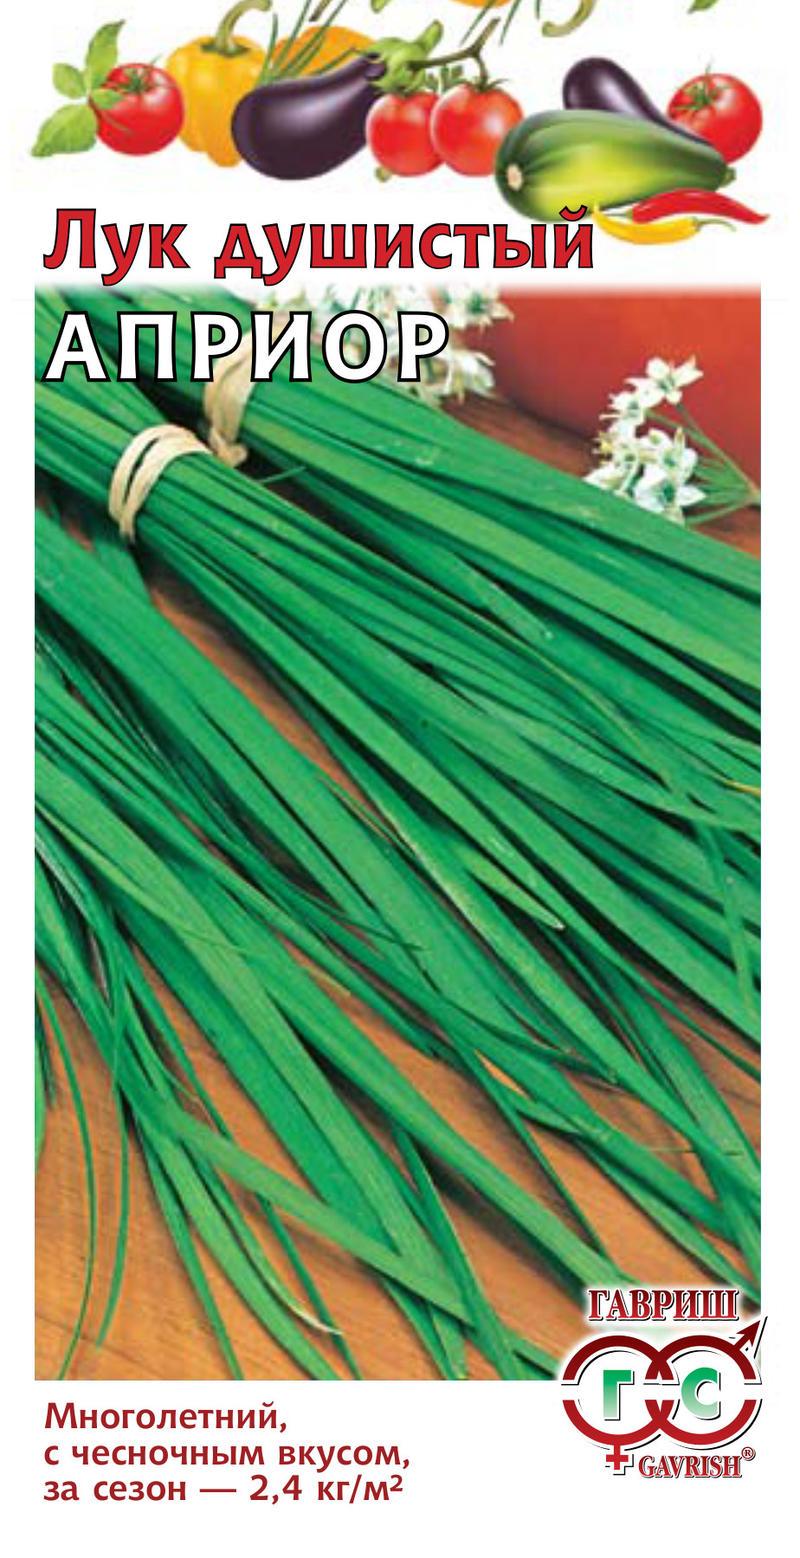 Семена Лук душистый Априор (горный чеснок),